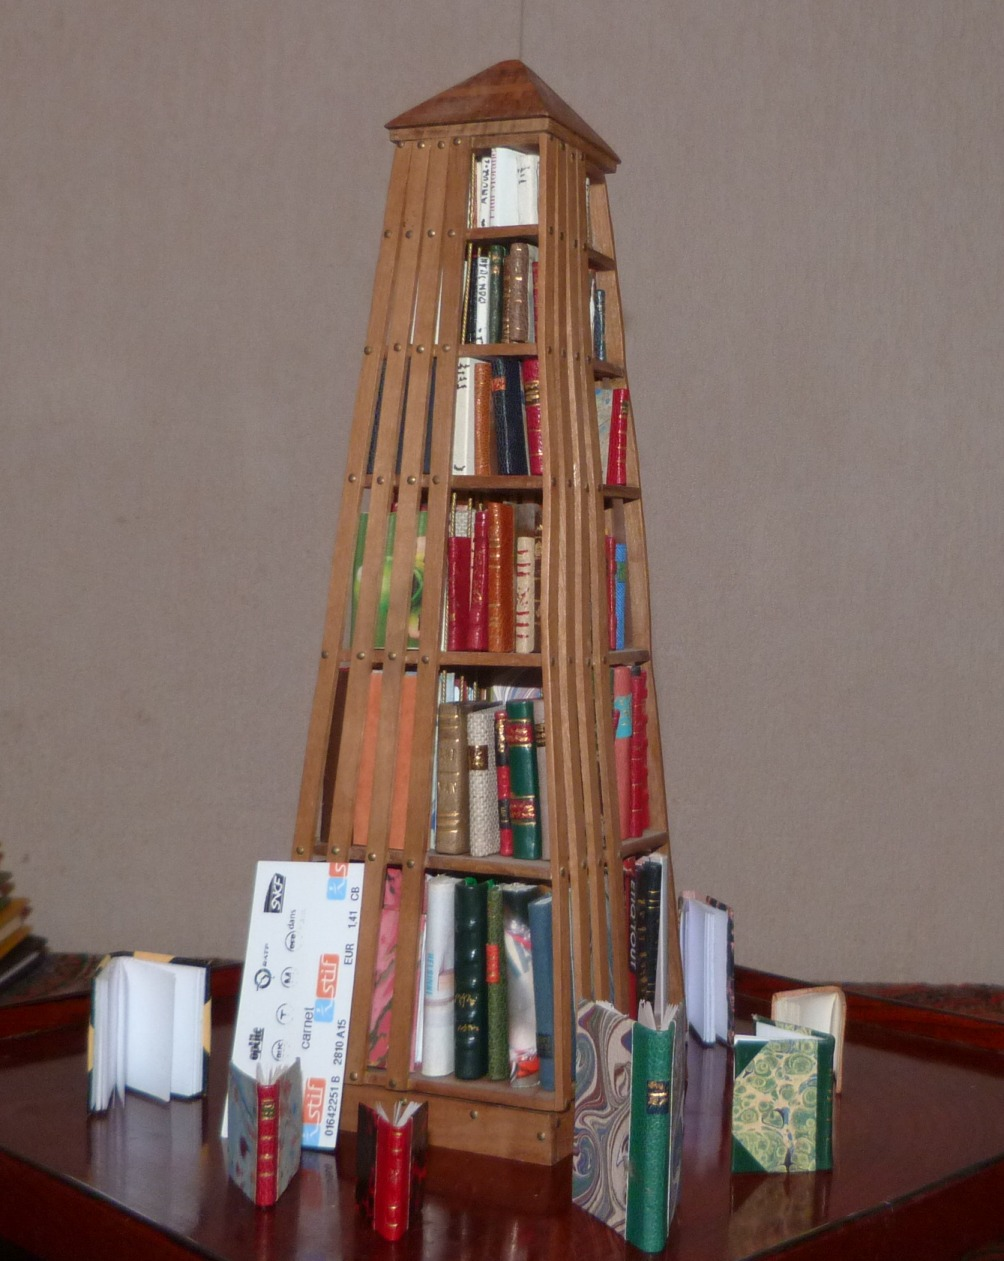 Mini bibliothèque pyramidale, à base carrée de 27cm de haut comprenant environ 140 livres tous différents sur 6 niveaux